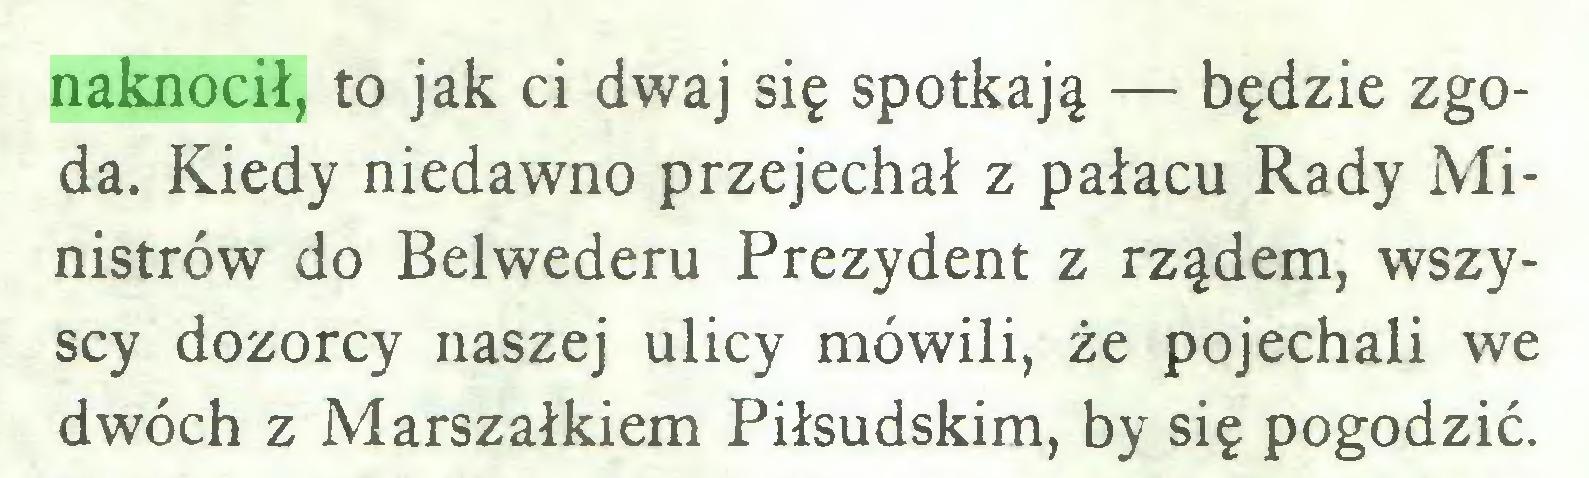 (...) naknocił, to jak ci dwaj się spotkają — będzie zgoda. Kiedy niedawno przejechał z pałacu Rady Ministrów do Belwederu Prezydent z rządem, wszyscy dozorcy naszej ulicy mówili, że pojechali we dwóch z Marszałkiem Piłsudskim, by się pogodzić...